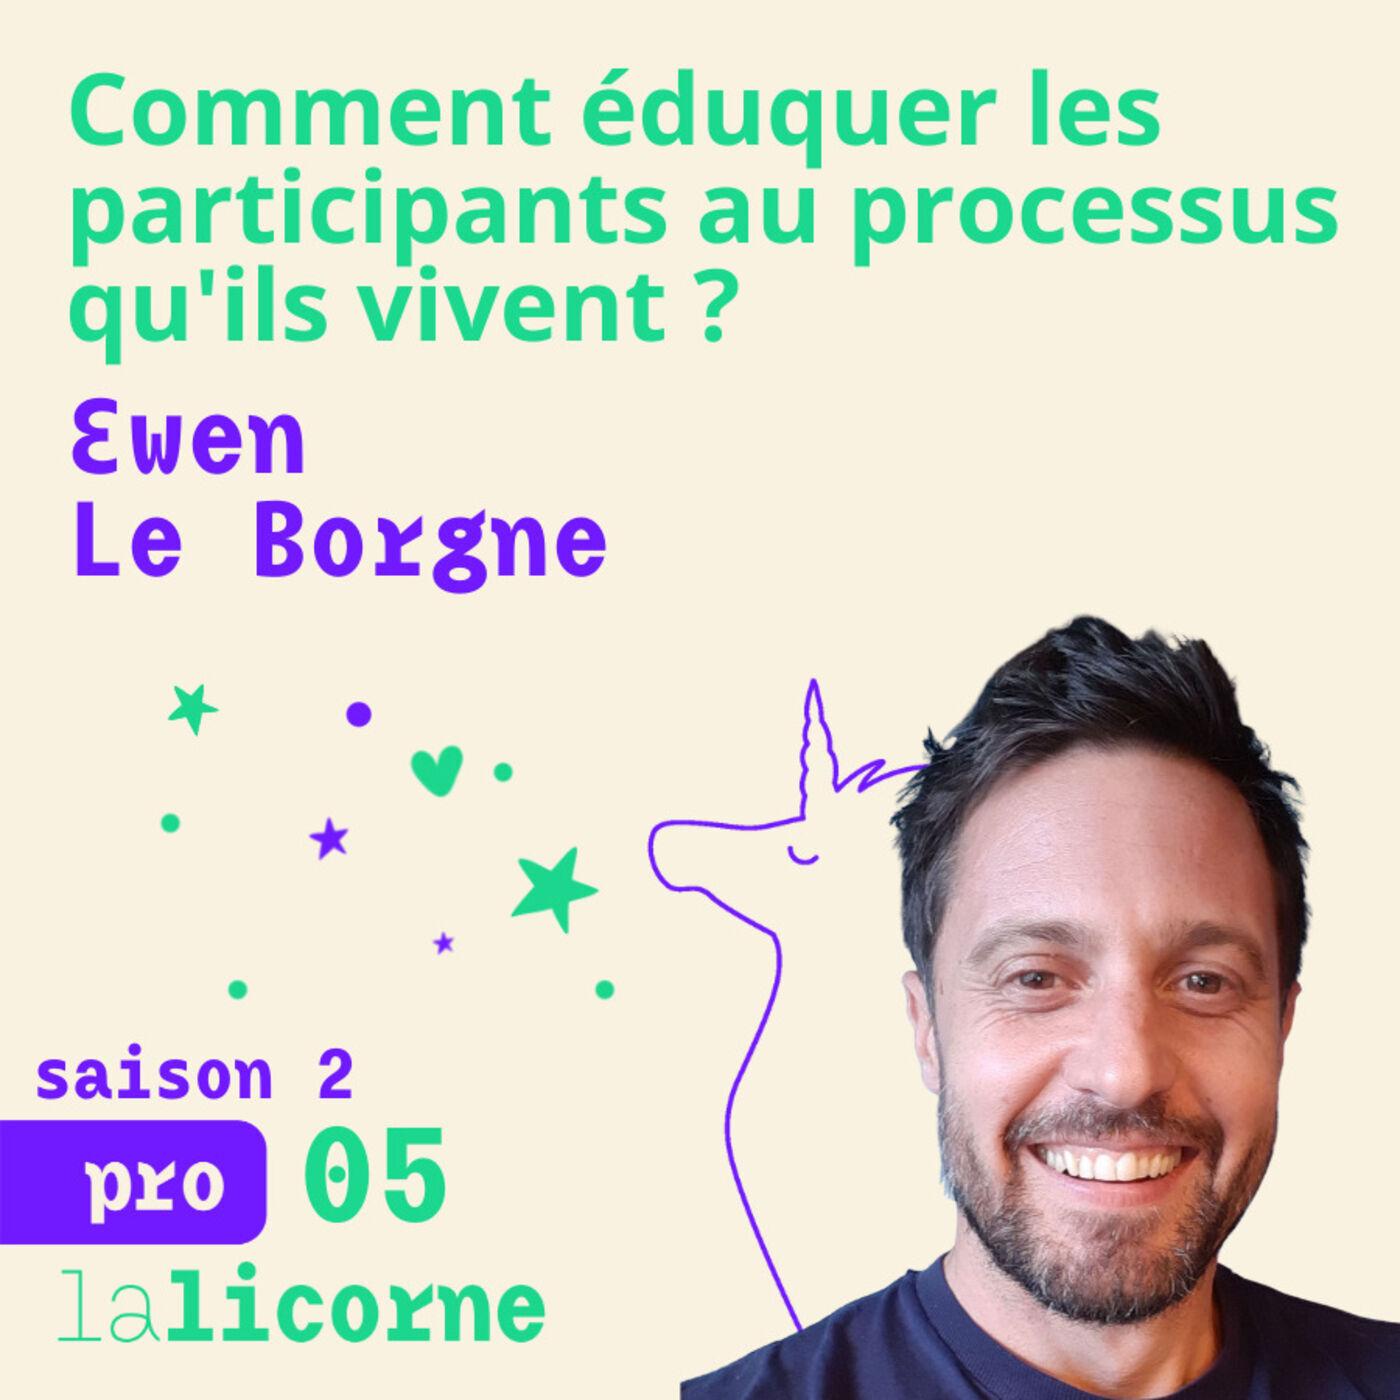 2.5 - Pro 🧐 Ewen Le Borgne - Comment éduquer les participants au processus qu'ils vivent ?